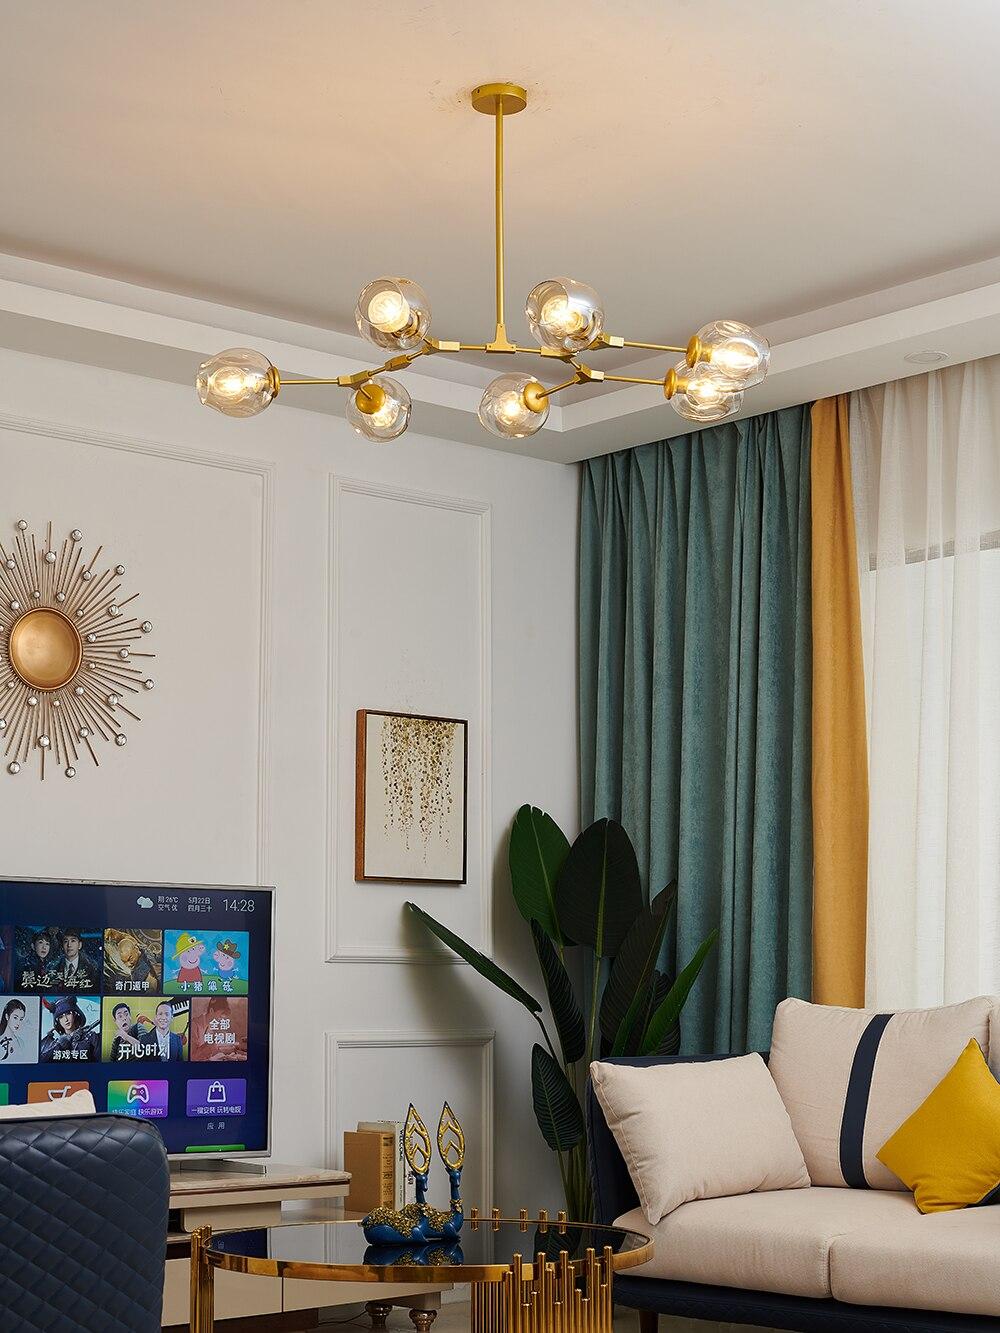 Modern Led Chandelier Ball-Lamp Pendant Glass Ceiling-Decor Bedroom Metal